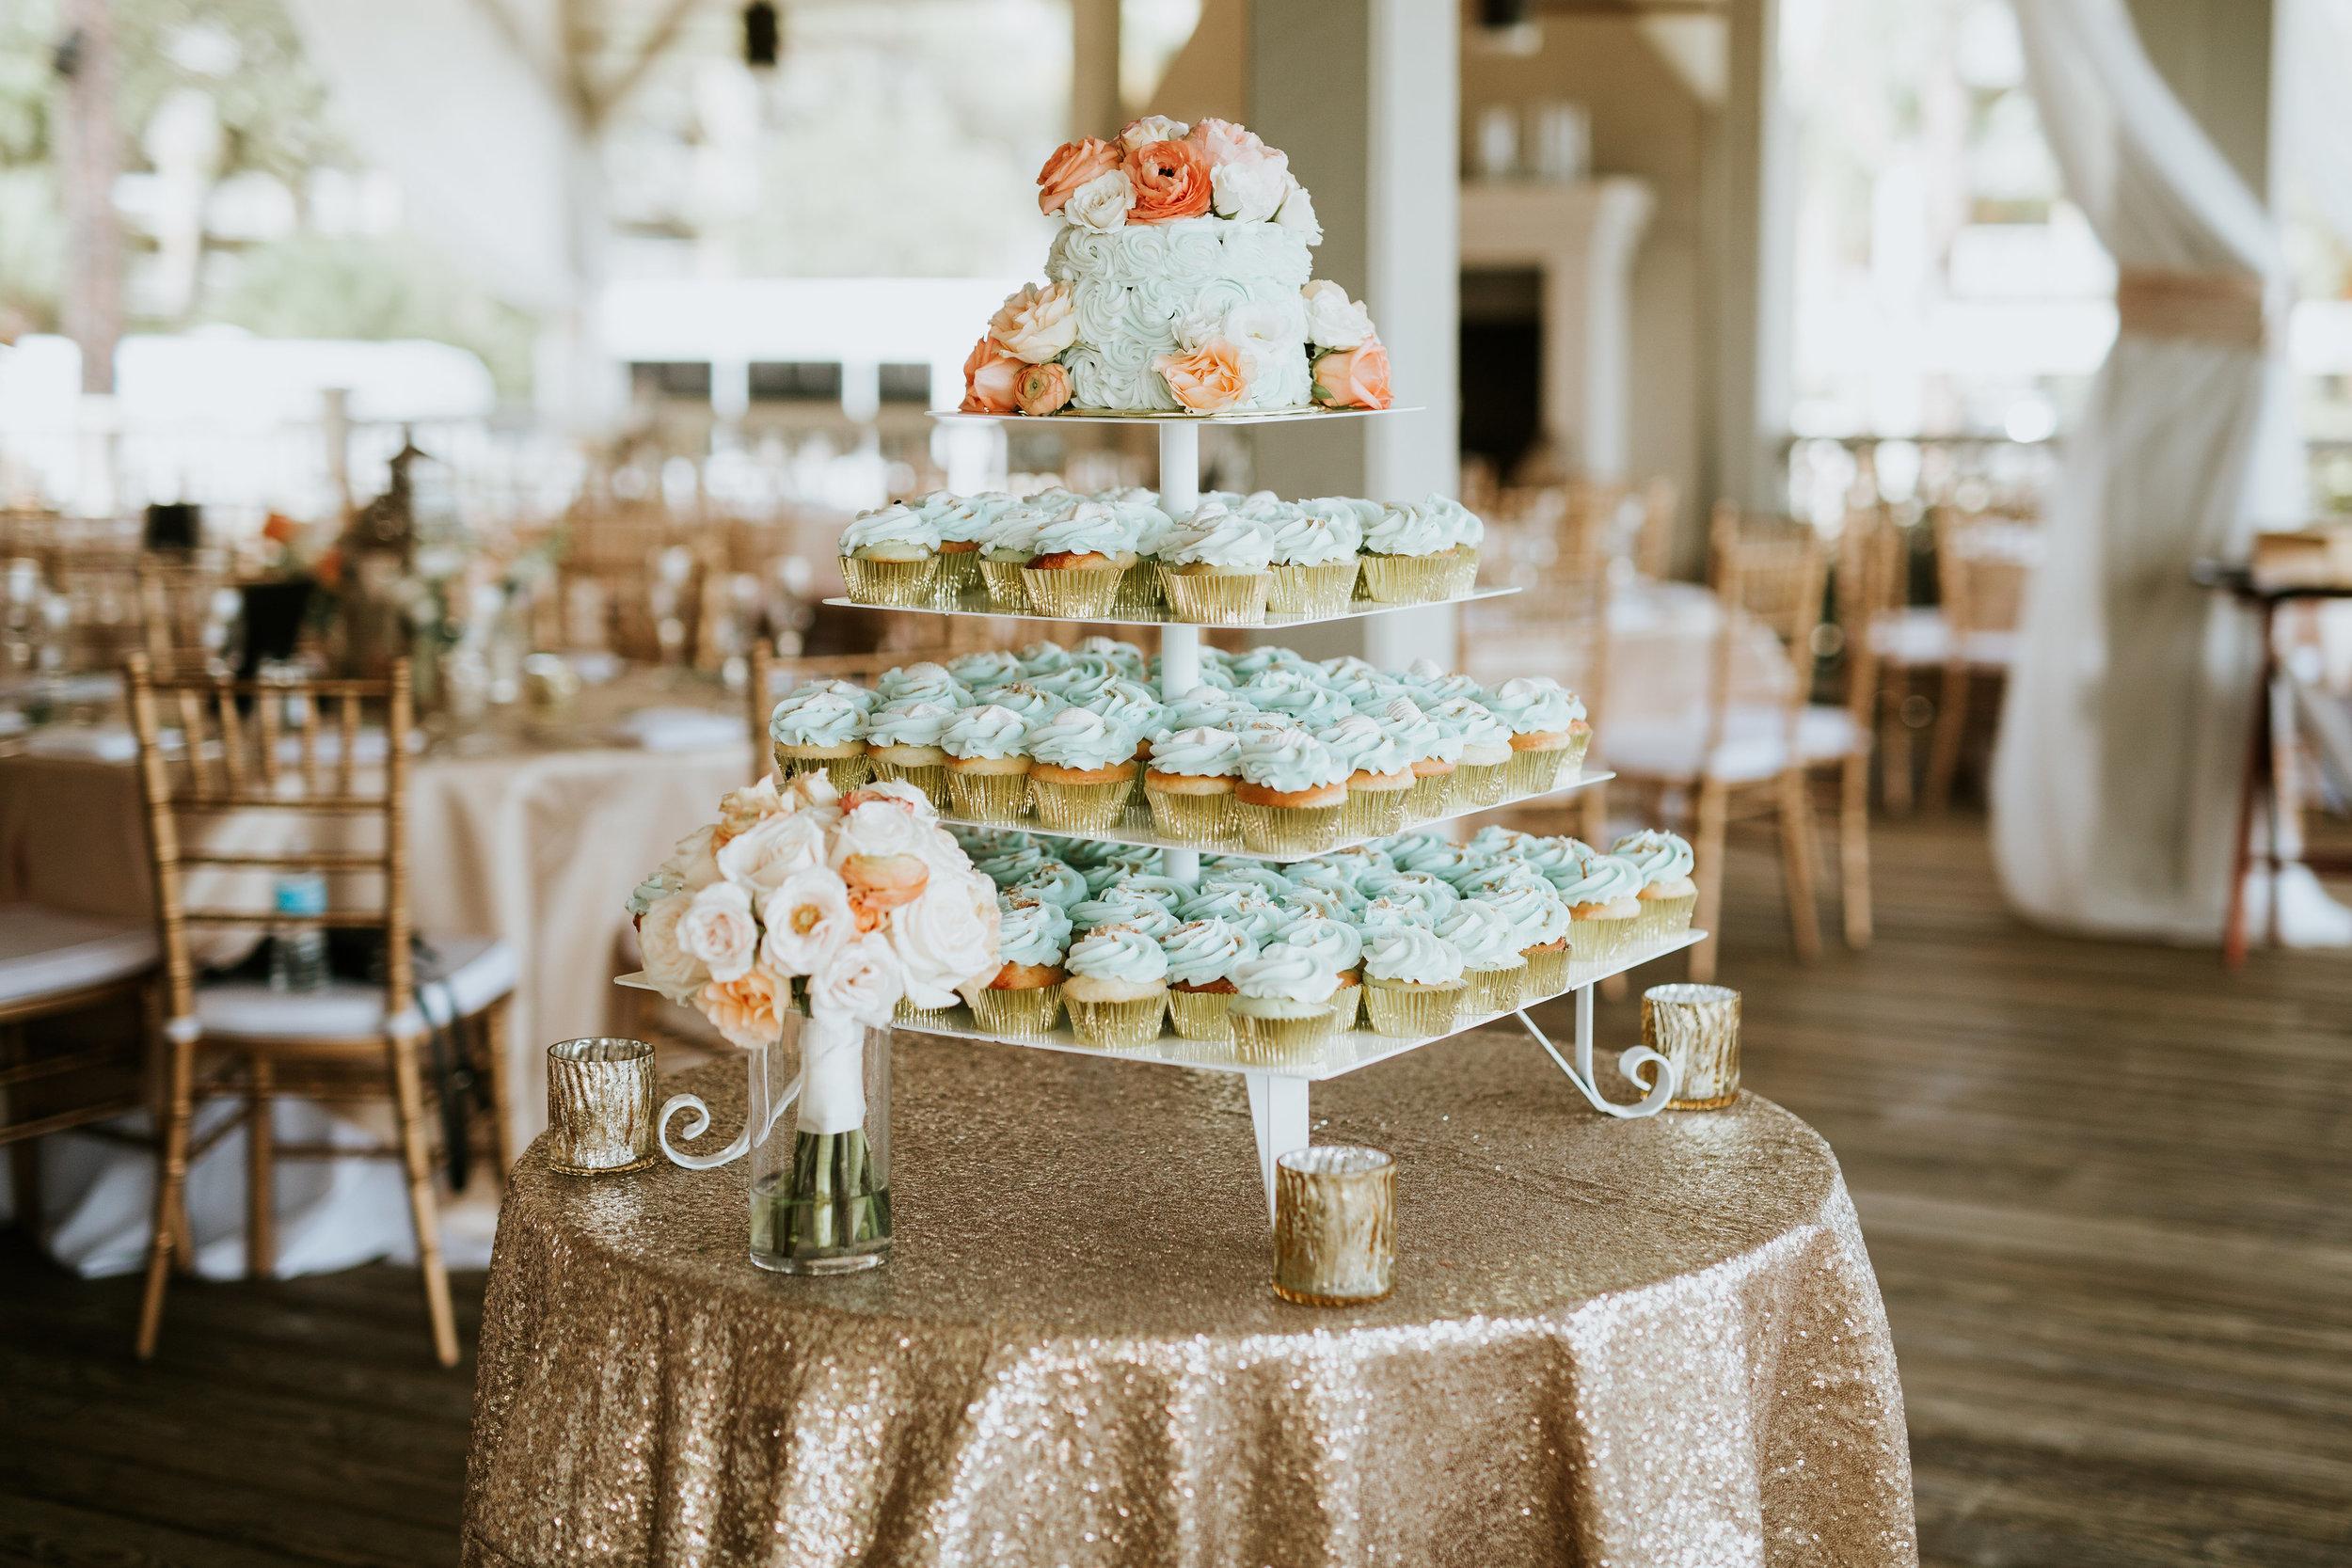 omni-hilton-head-wedding-47.jpg